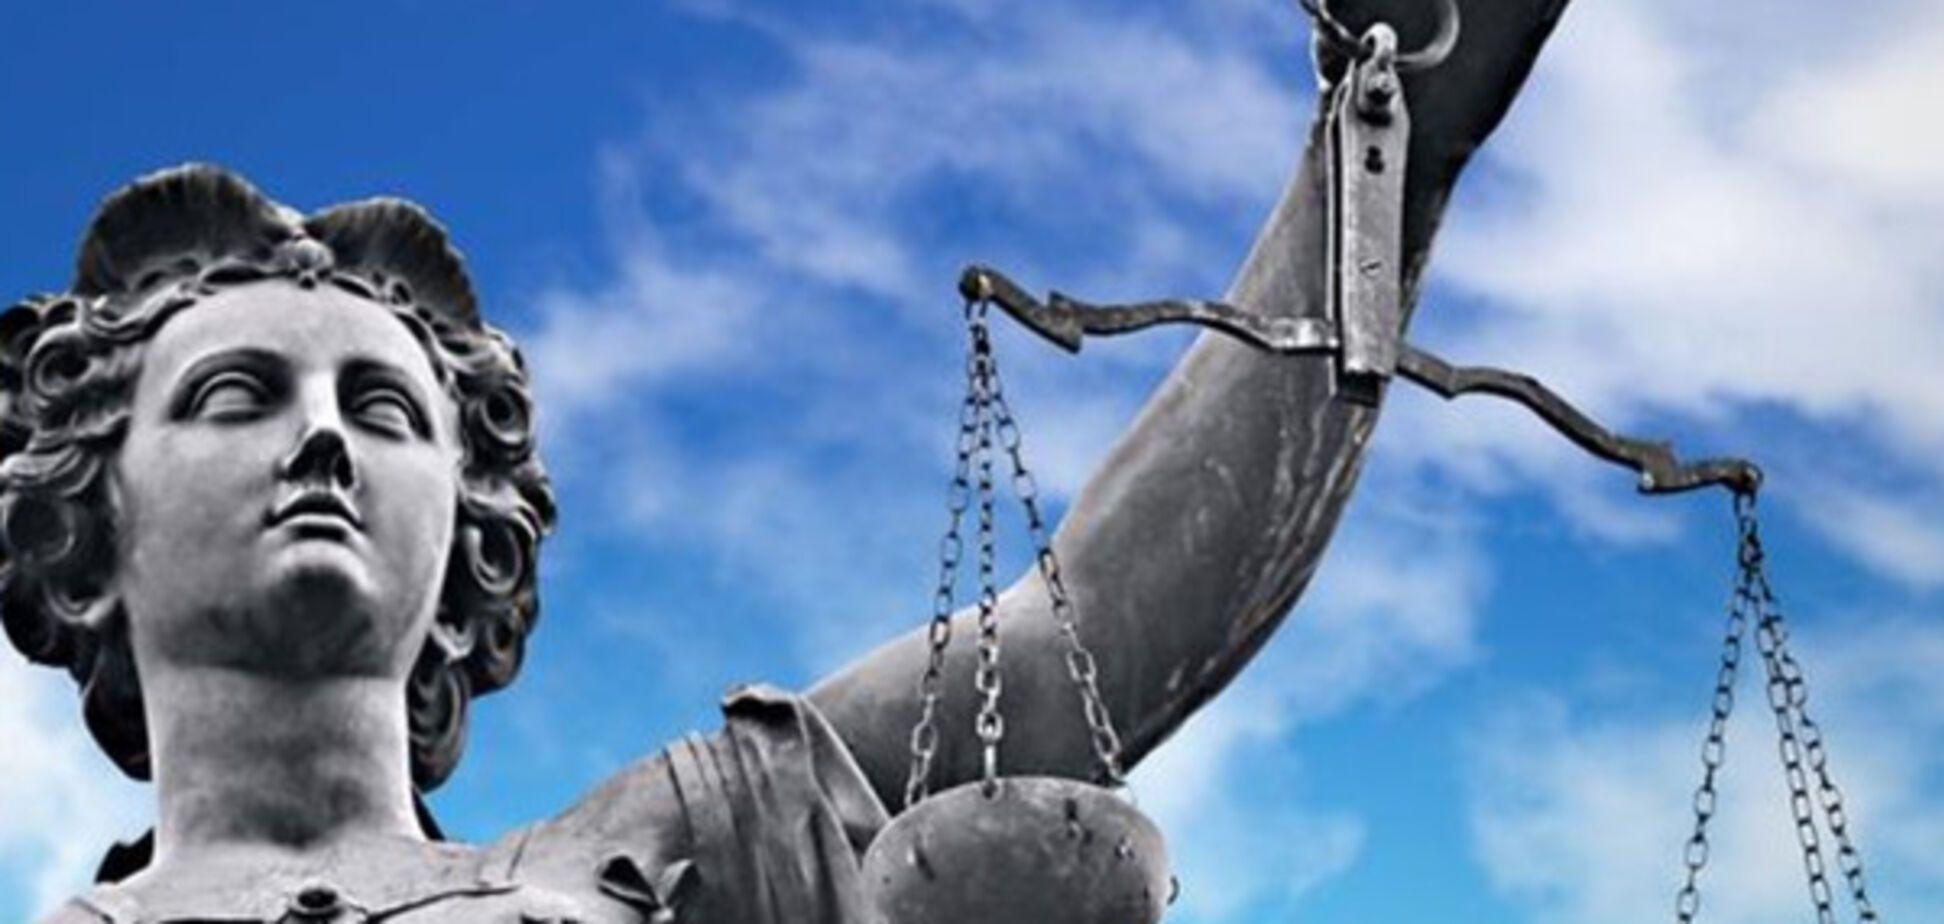 'Обозреватель' виграв суд у скандального забудовника хмарочосів на Мечникова